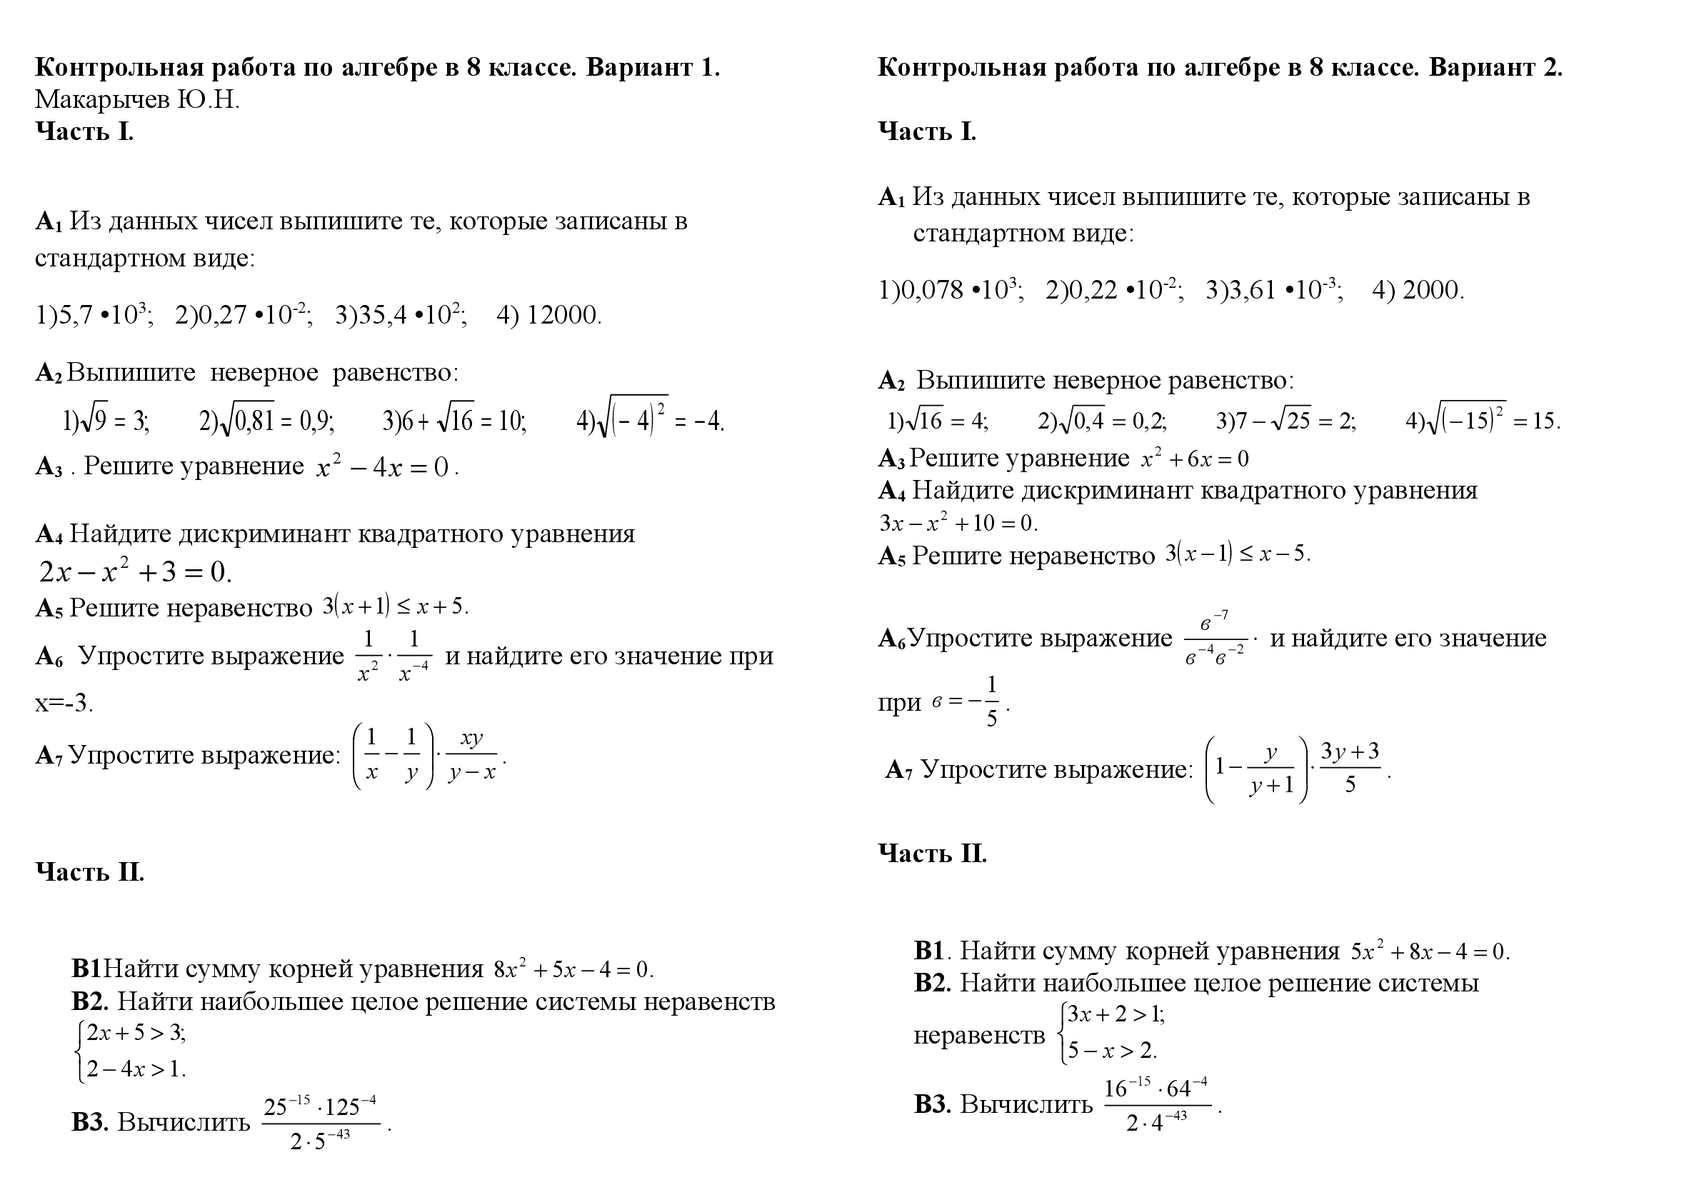 Гдз по алгебре 7 класс макарычев контрольная работа 2